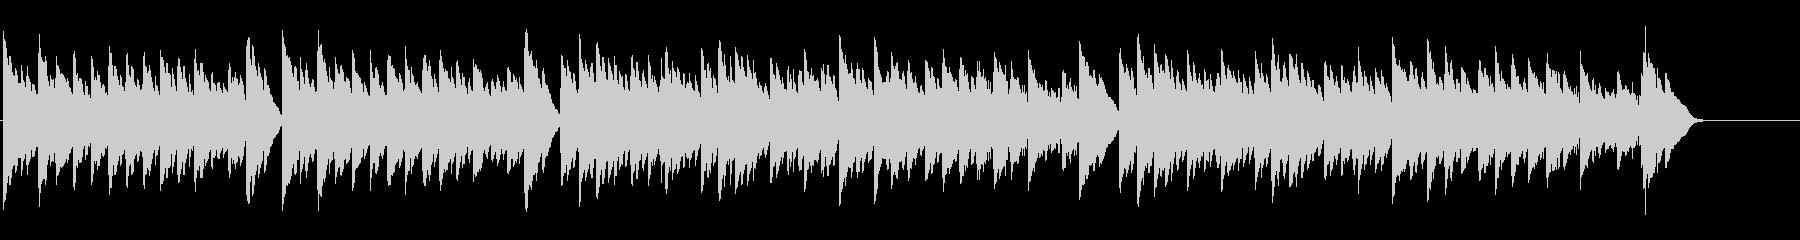 キラキラ星変奏曲(Var Ⅳ)オルゴールの未再生の波形